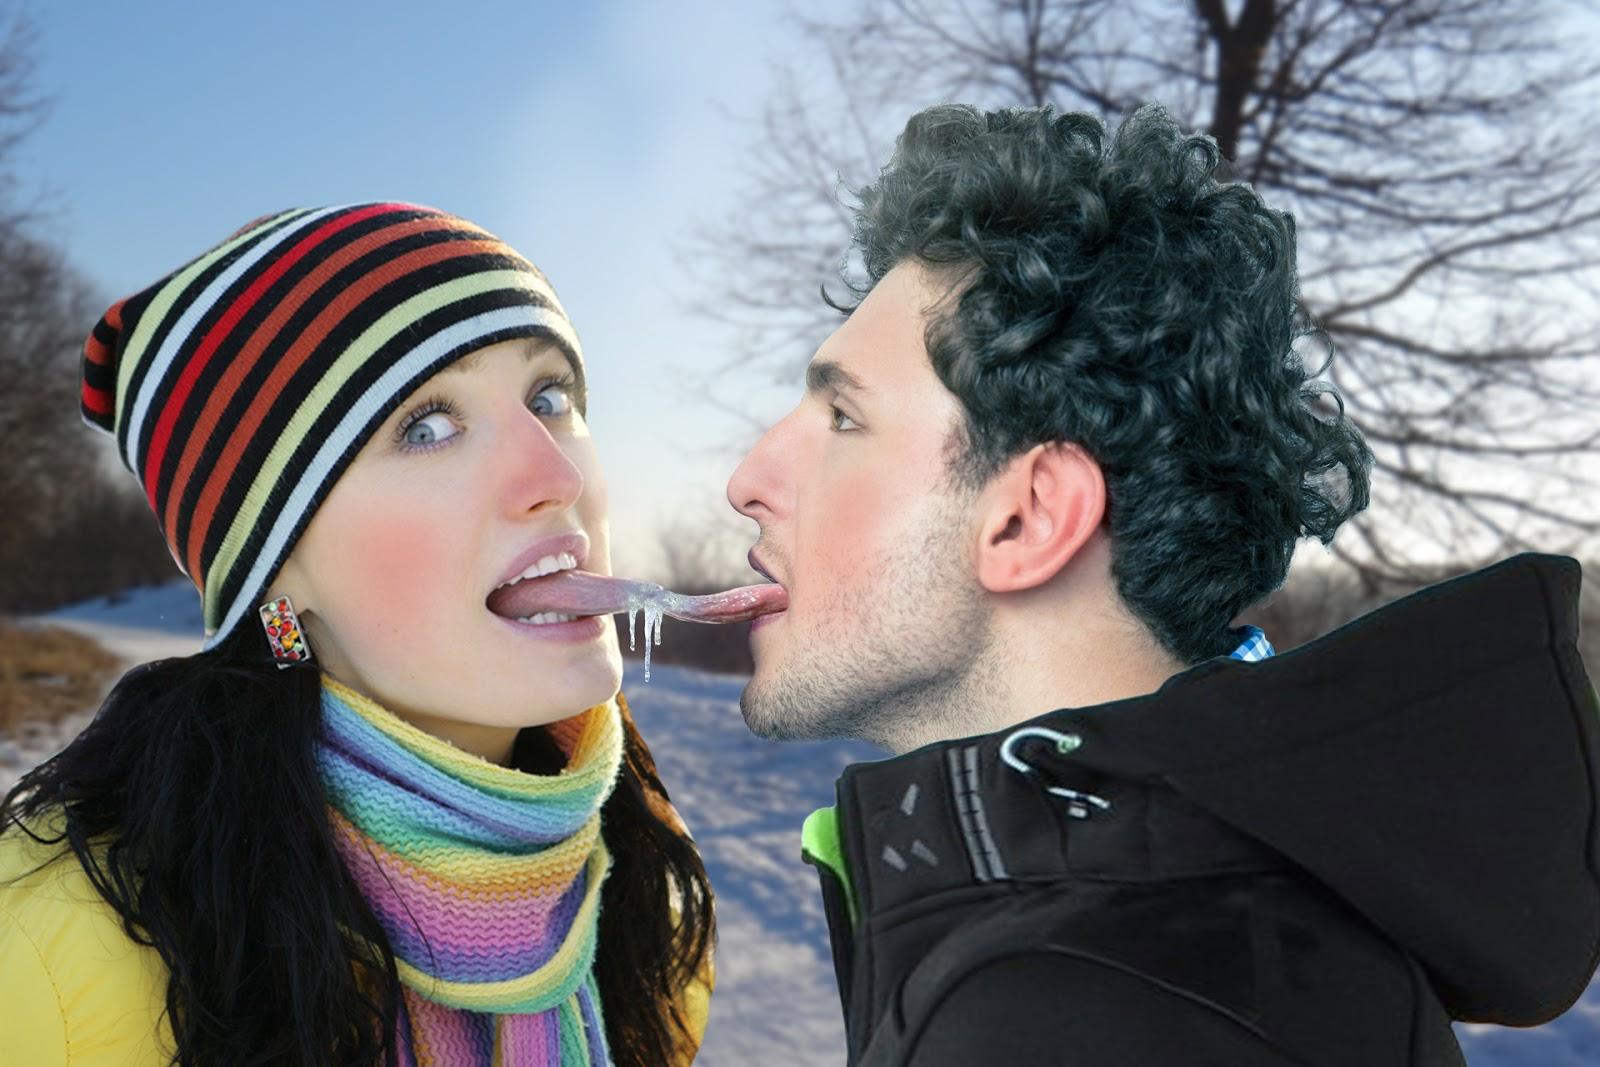 Der Postillon: Paar bei Zungenkuss aneinander festgefroren